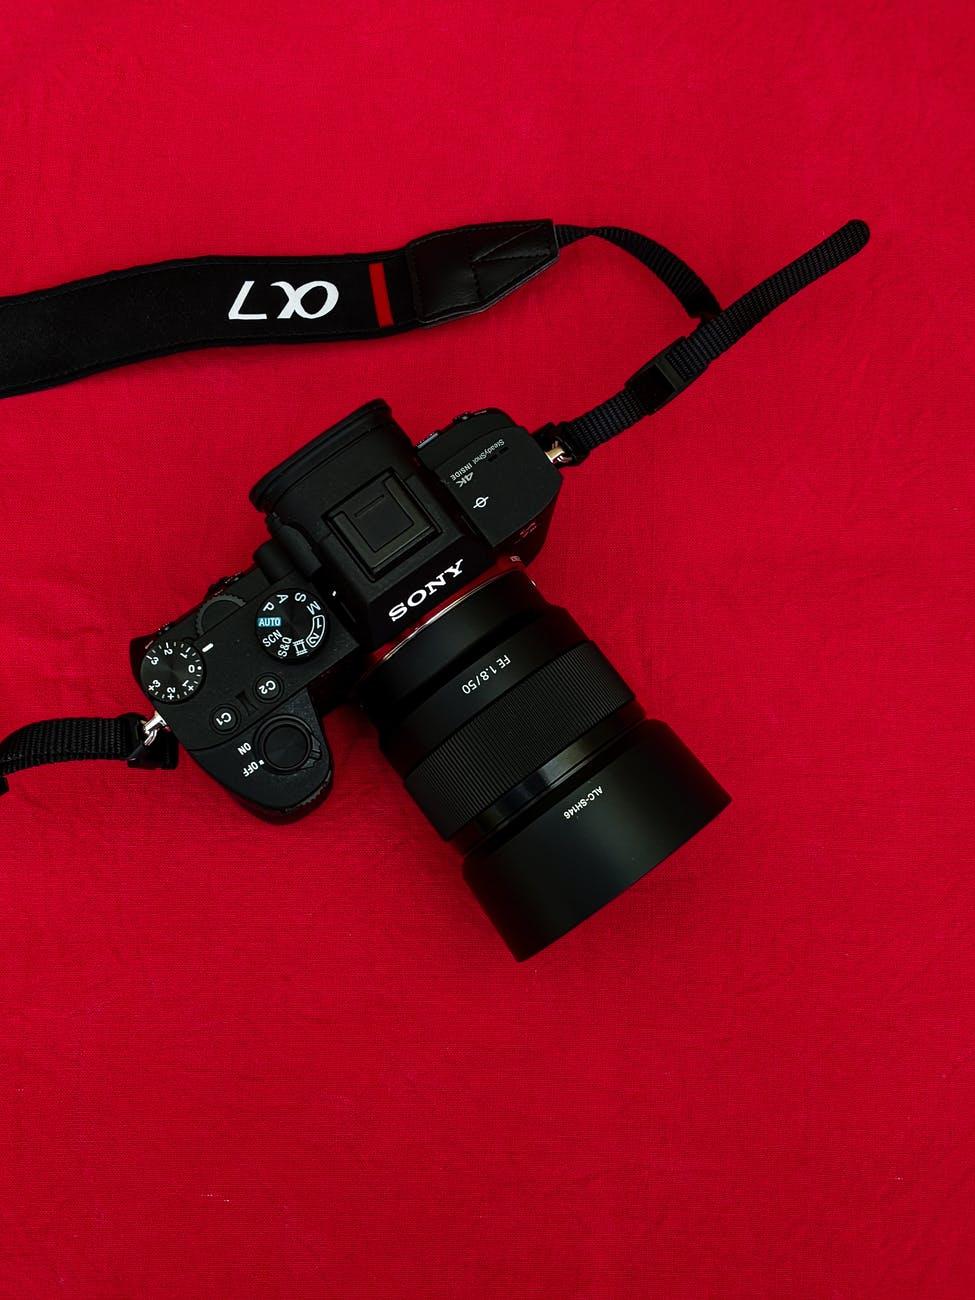 black digital camera on red background